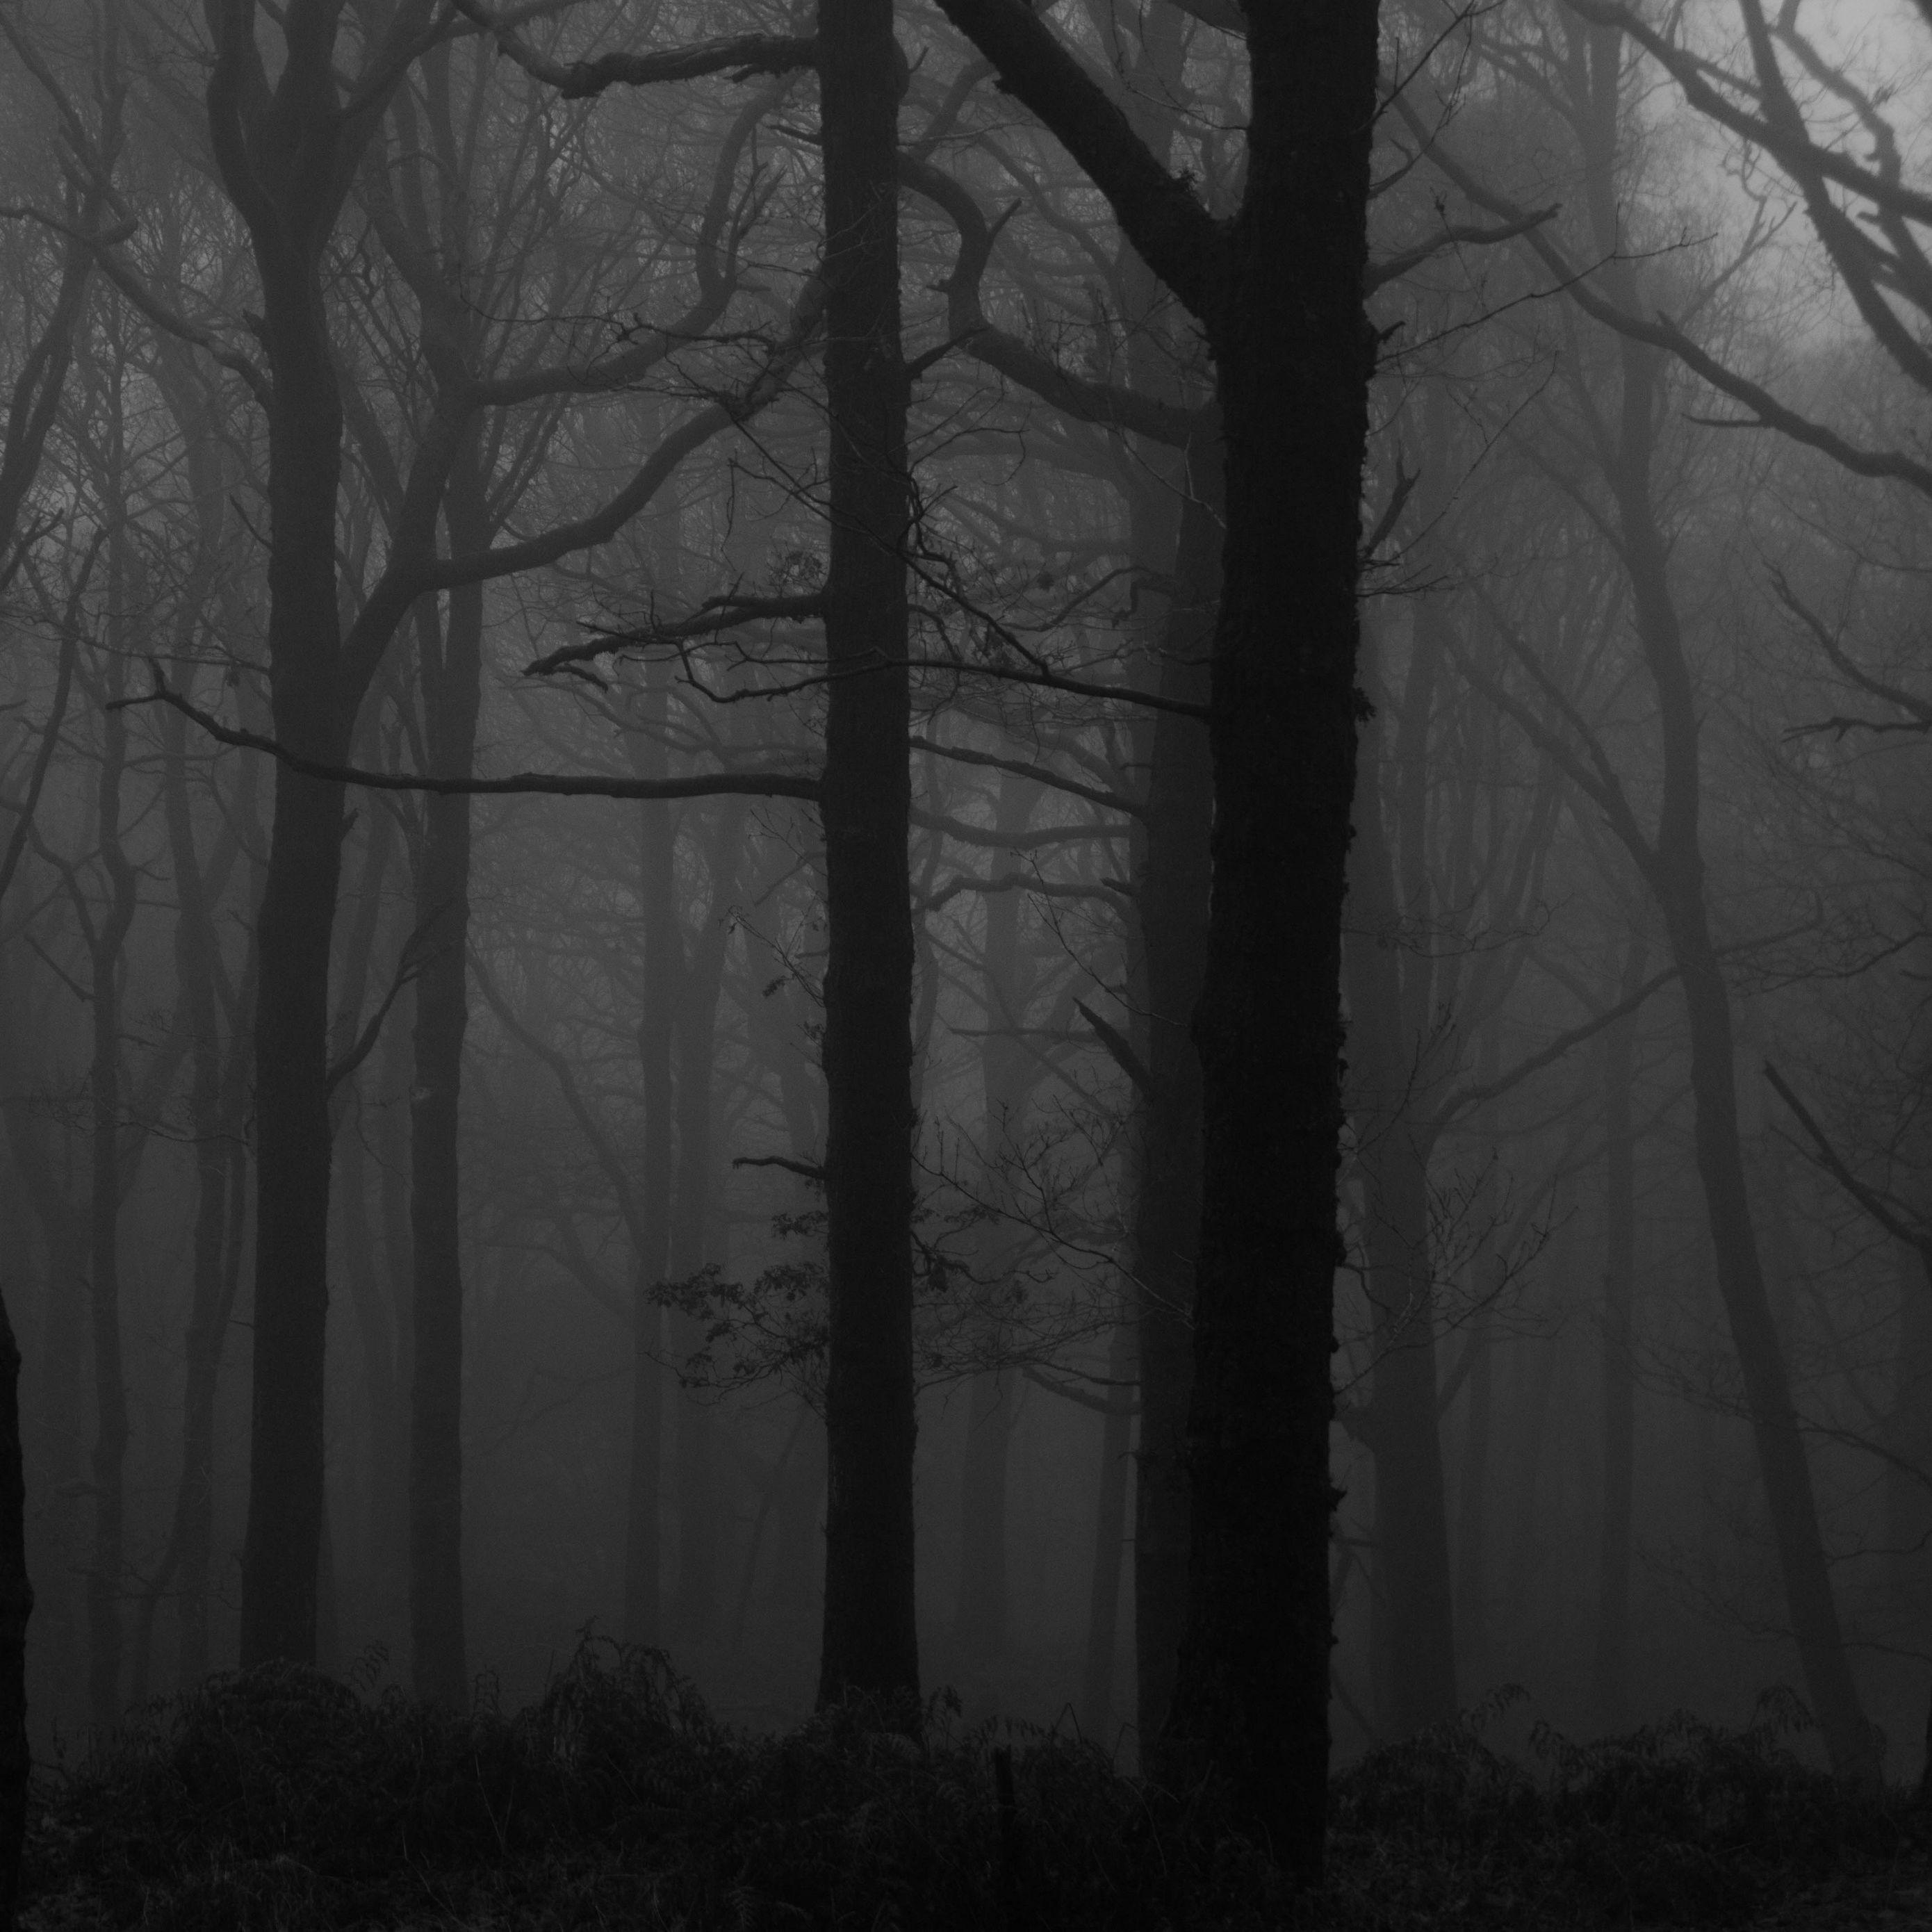 2780x2780 Wallpaper forest, fog, bw, trees, dark